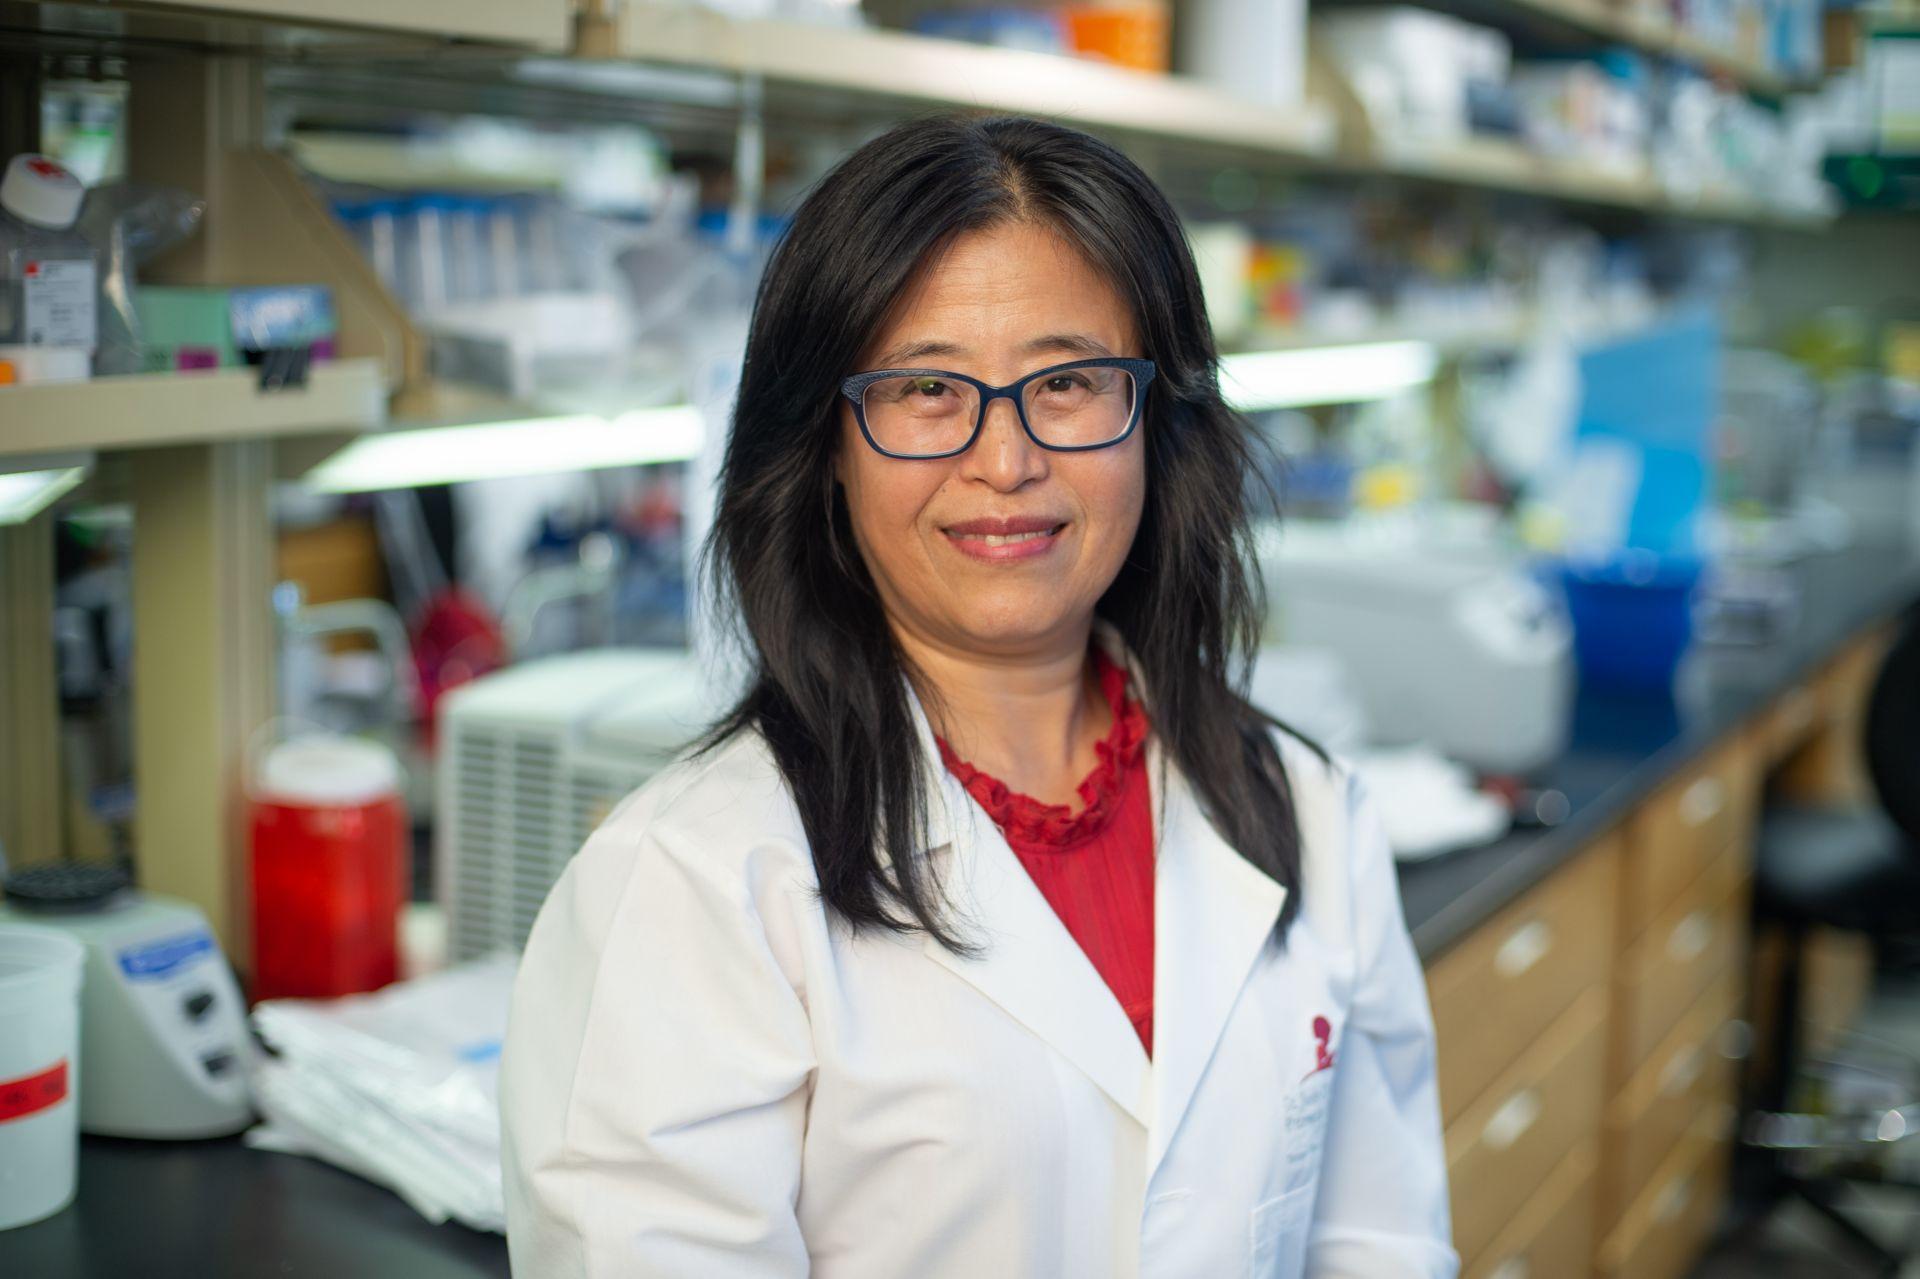 Xiujie Li-Harms, PhD